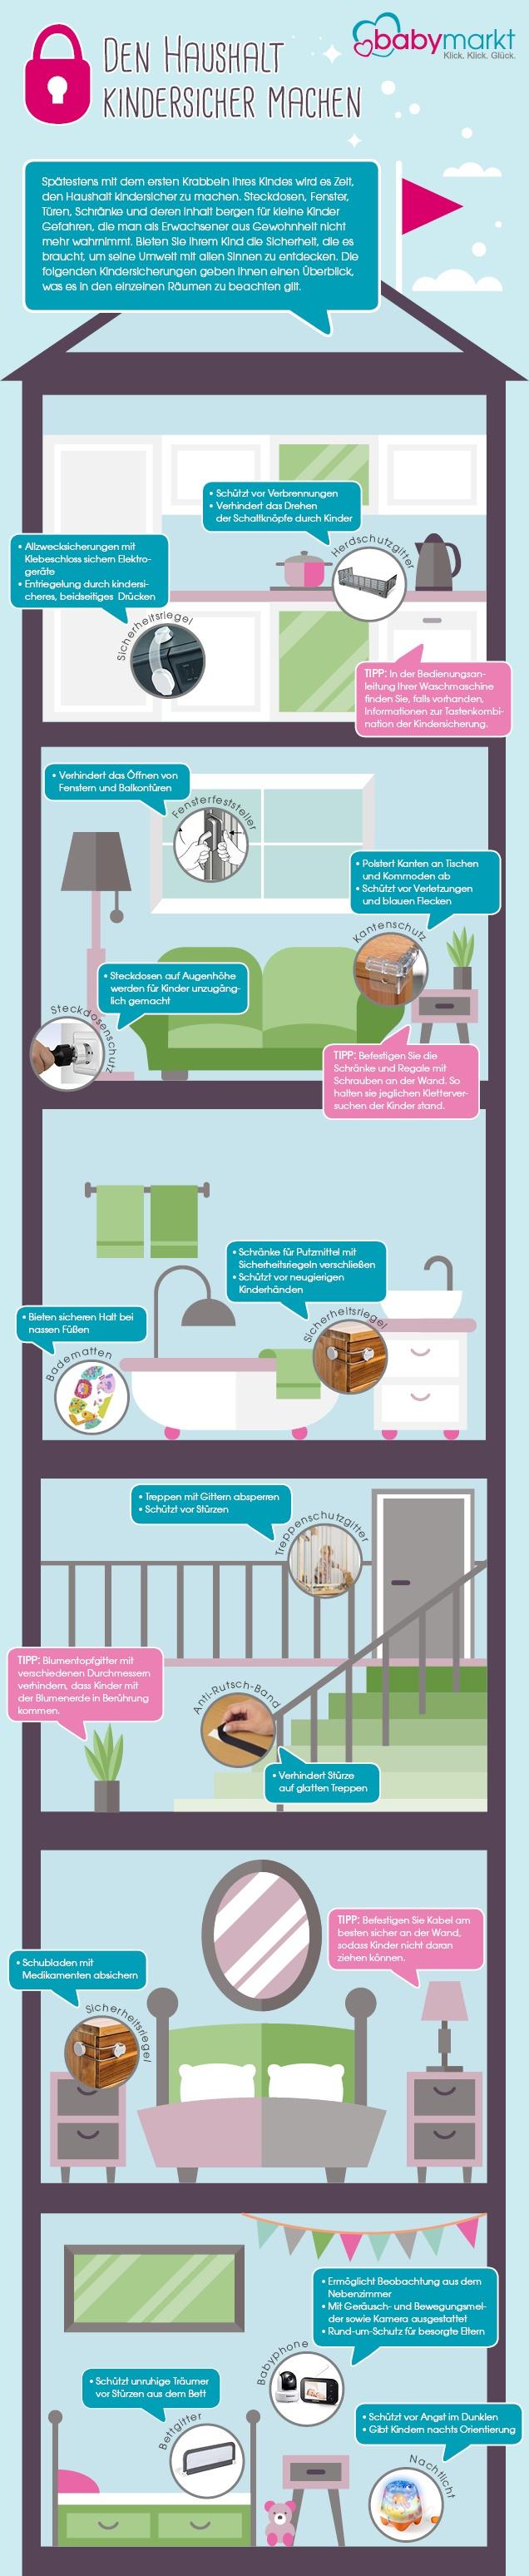 Infografik Sicherheit im Haus